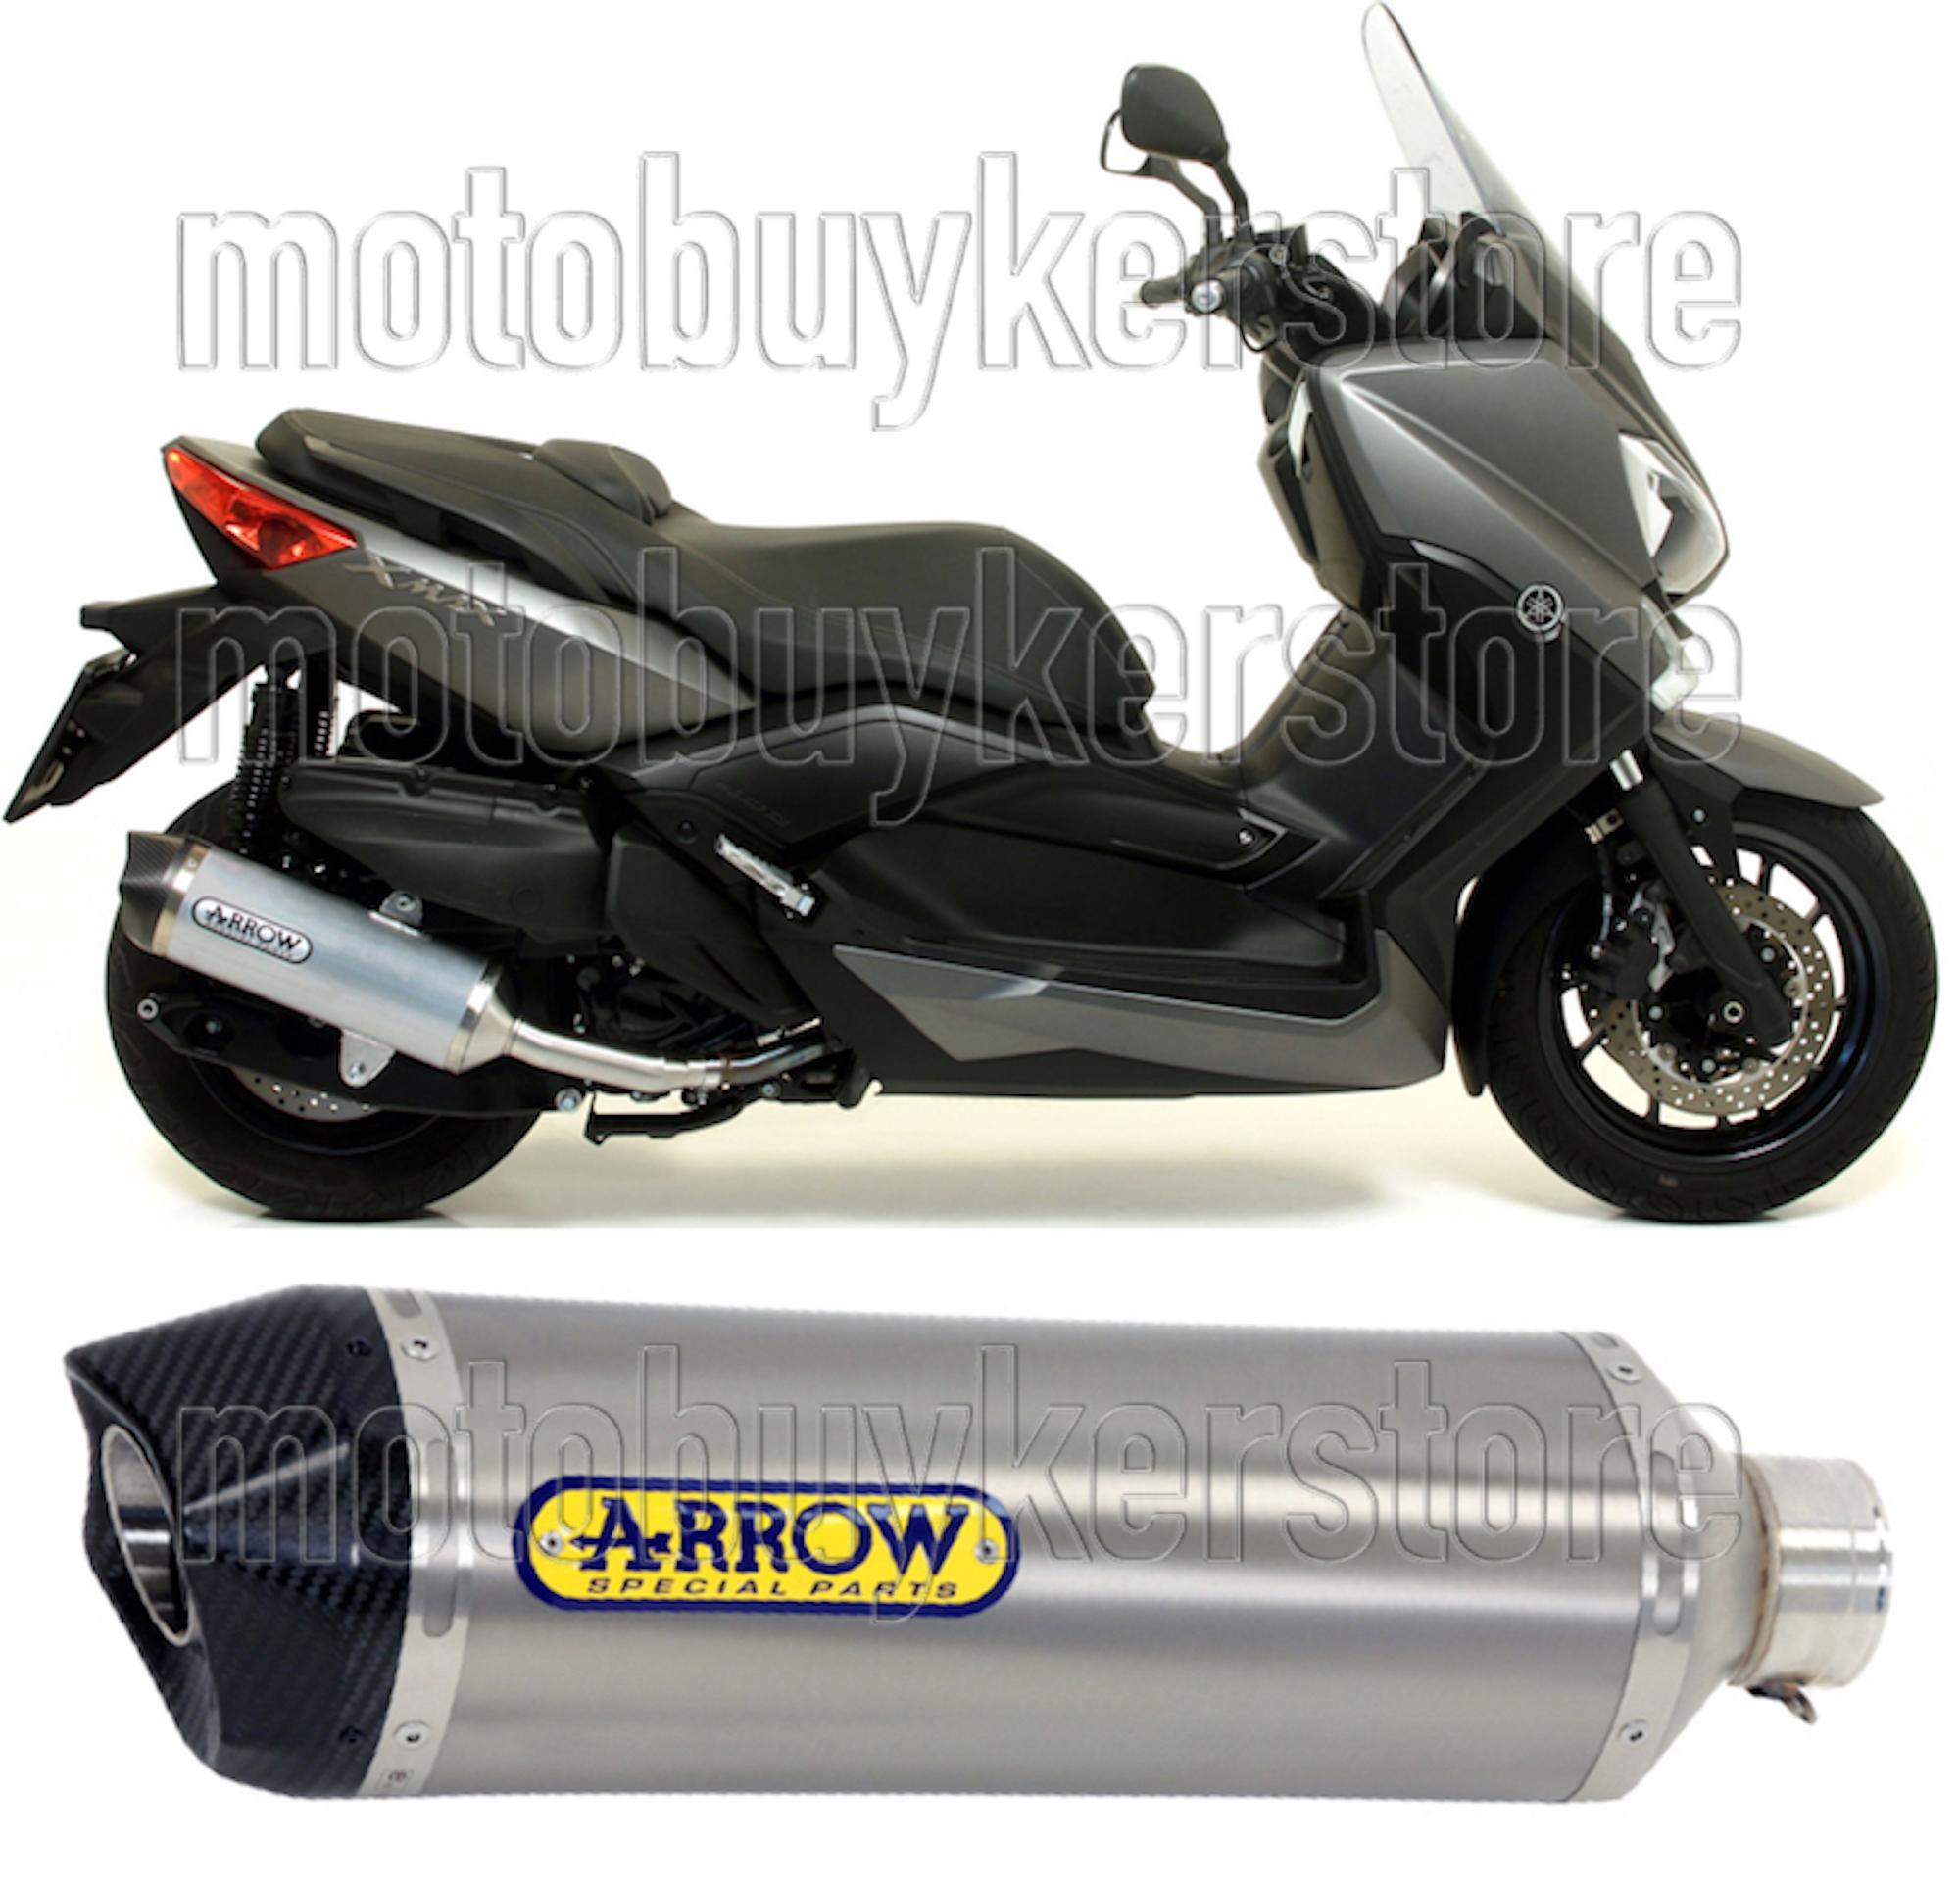 Yamaha XMAX 125/2014/14/Pot d/échappement complet Exhaust mivv ovale en inox